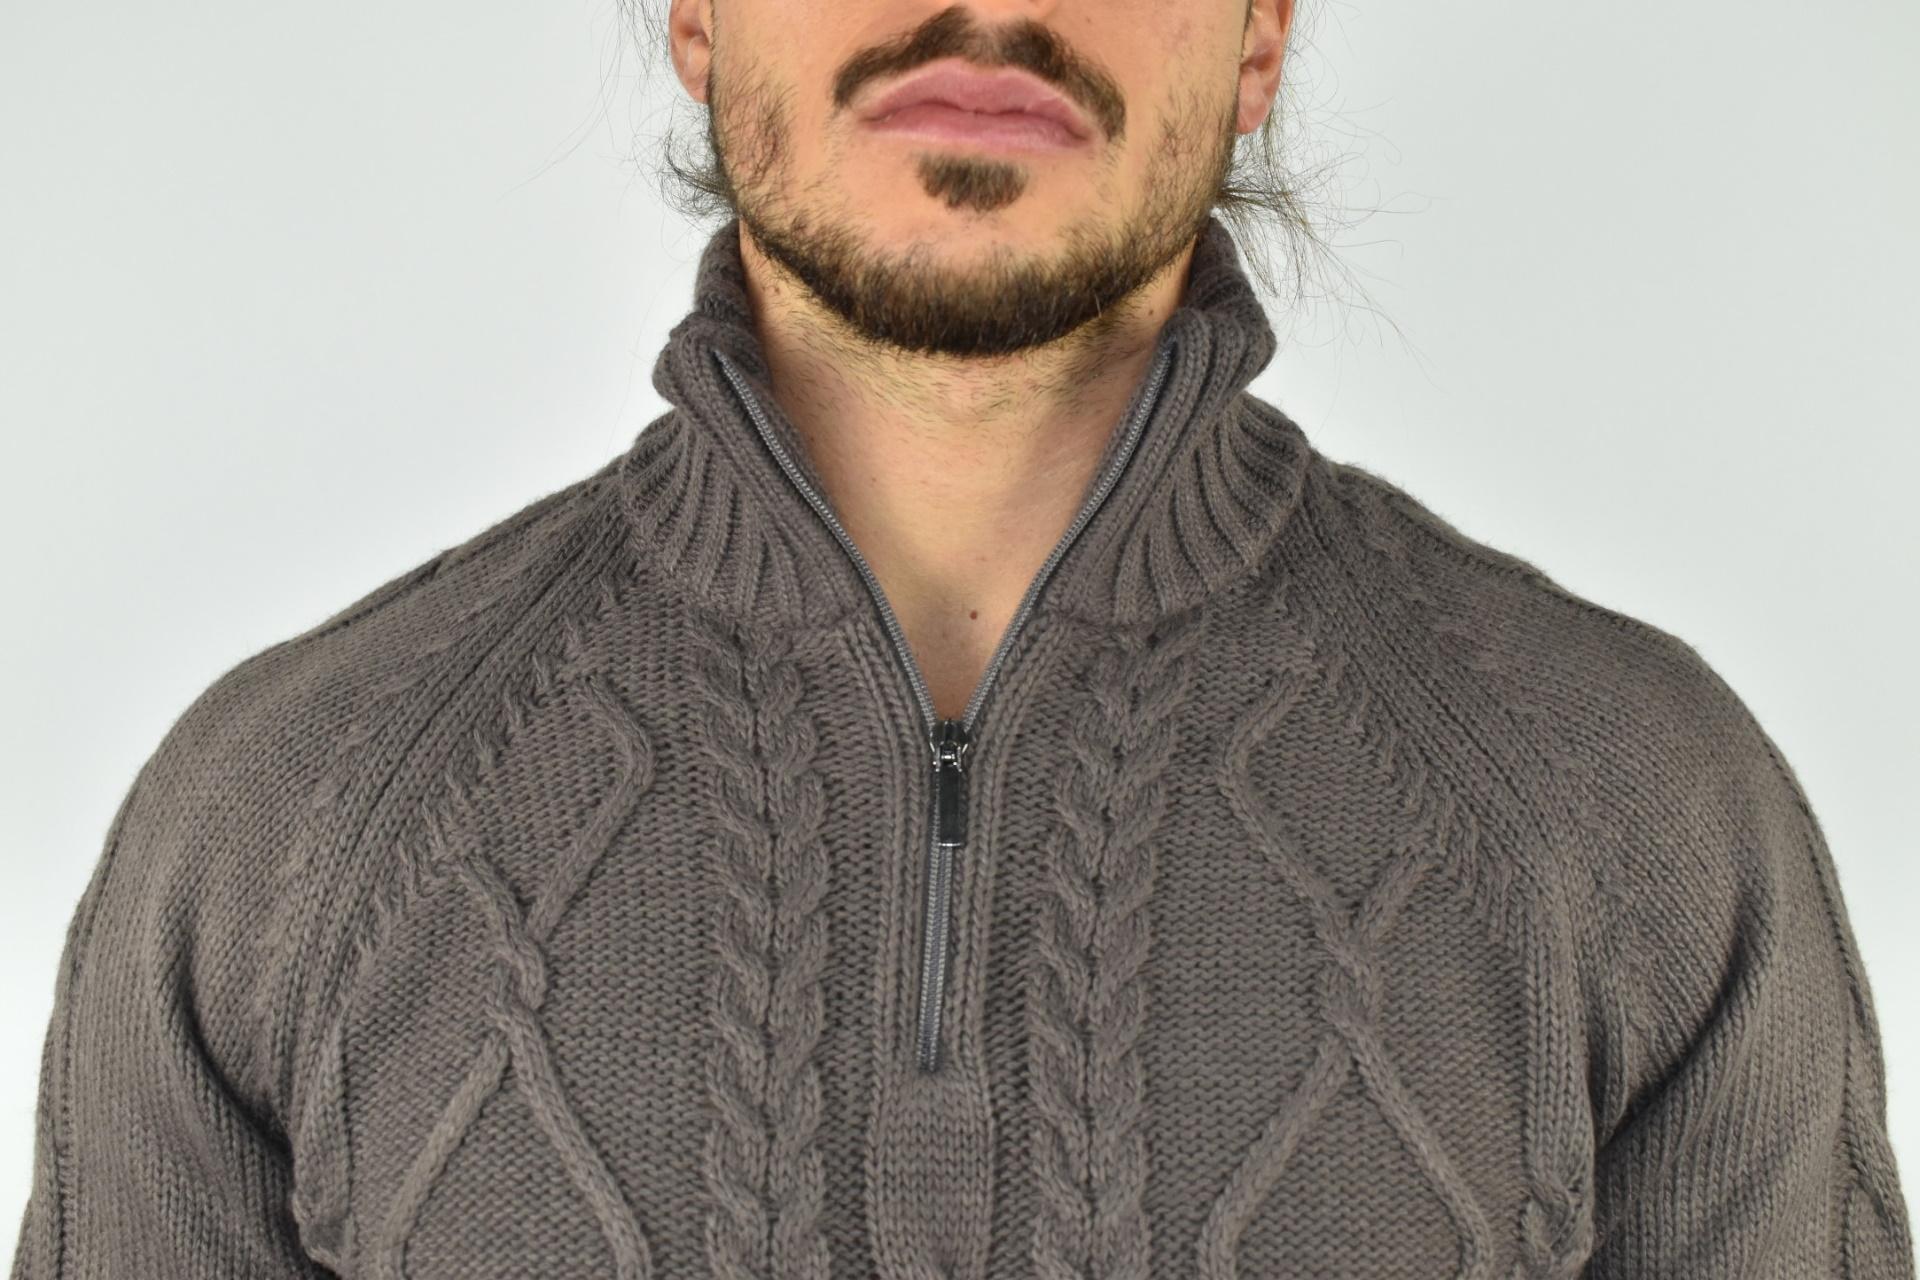 LUPINEMA CASTORO MAGLIA UOMO MEZZA ZIP MANICA LUNGA LAVORAZIONE TRECCE 3 1stAmerican maglione invernale da uomo mezza zip manica lunga lavorazione trecce